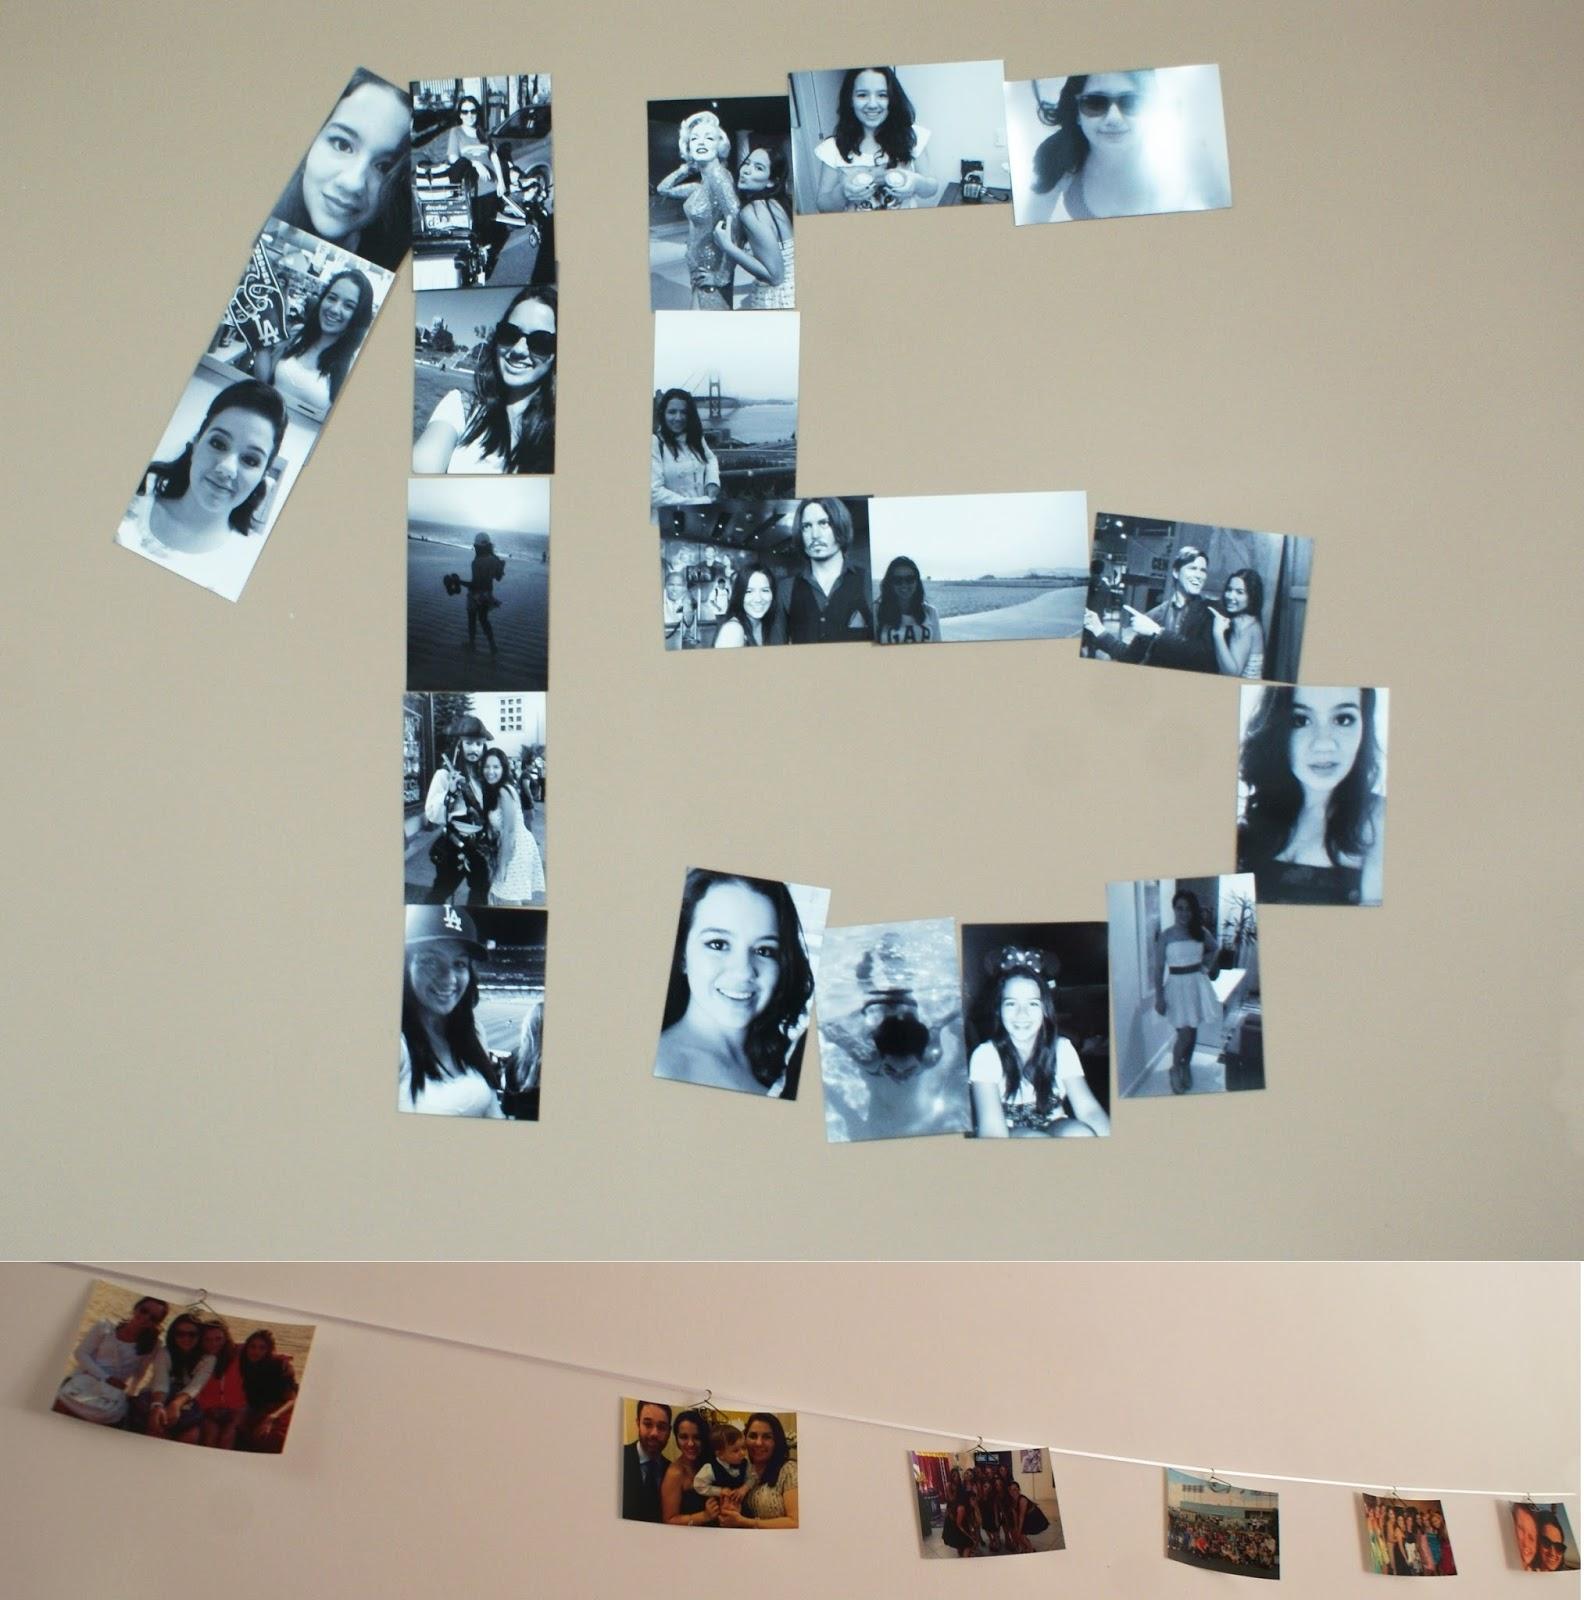 Decora o 15 anos festa em casa overdose teen - Fotos de paredes ...